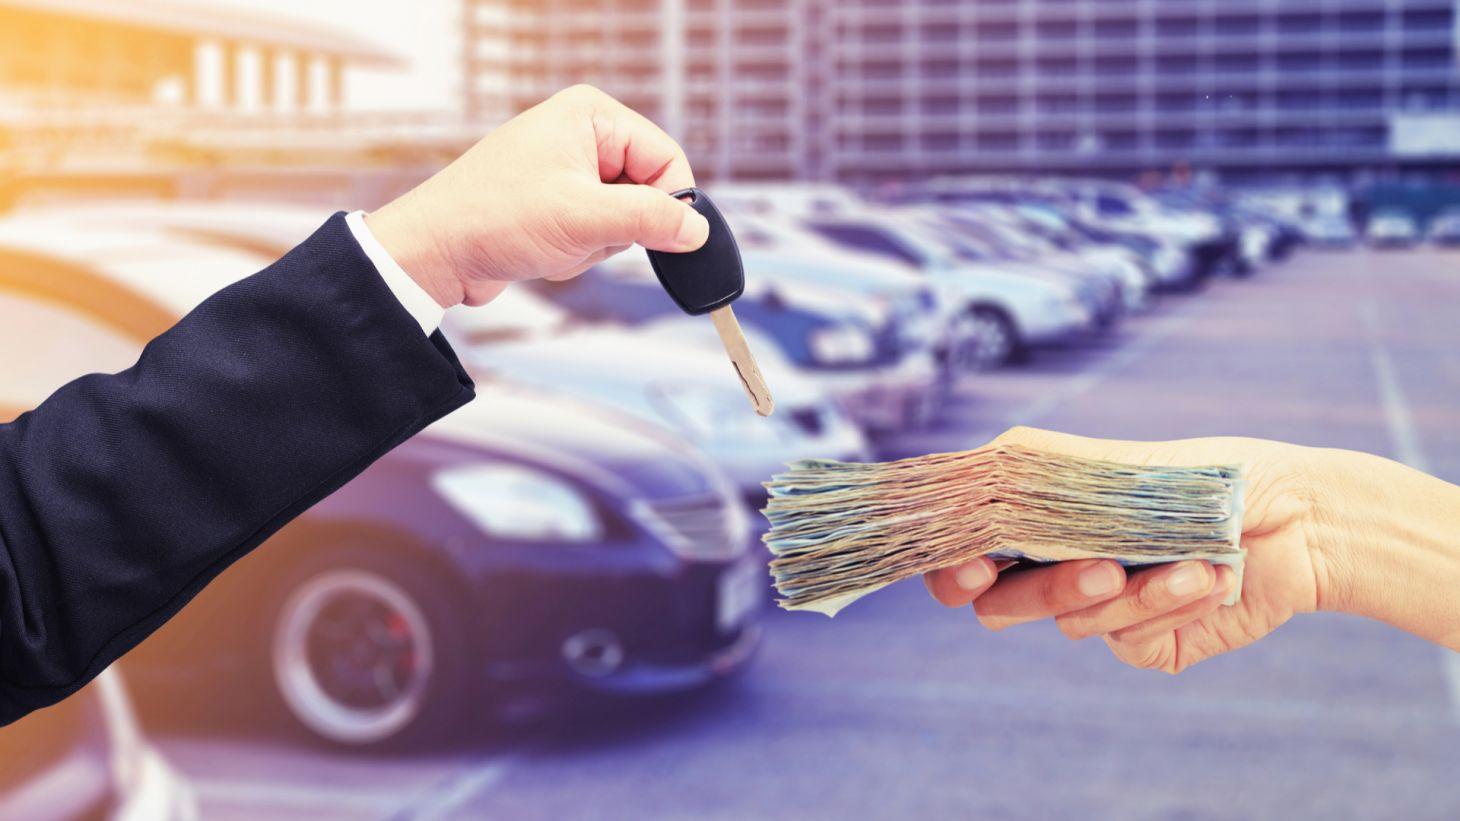 pessoa pagando dinheiro maos concessionaria comprar carro preco